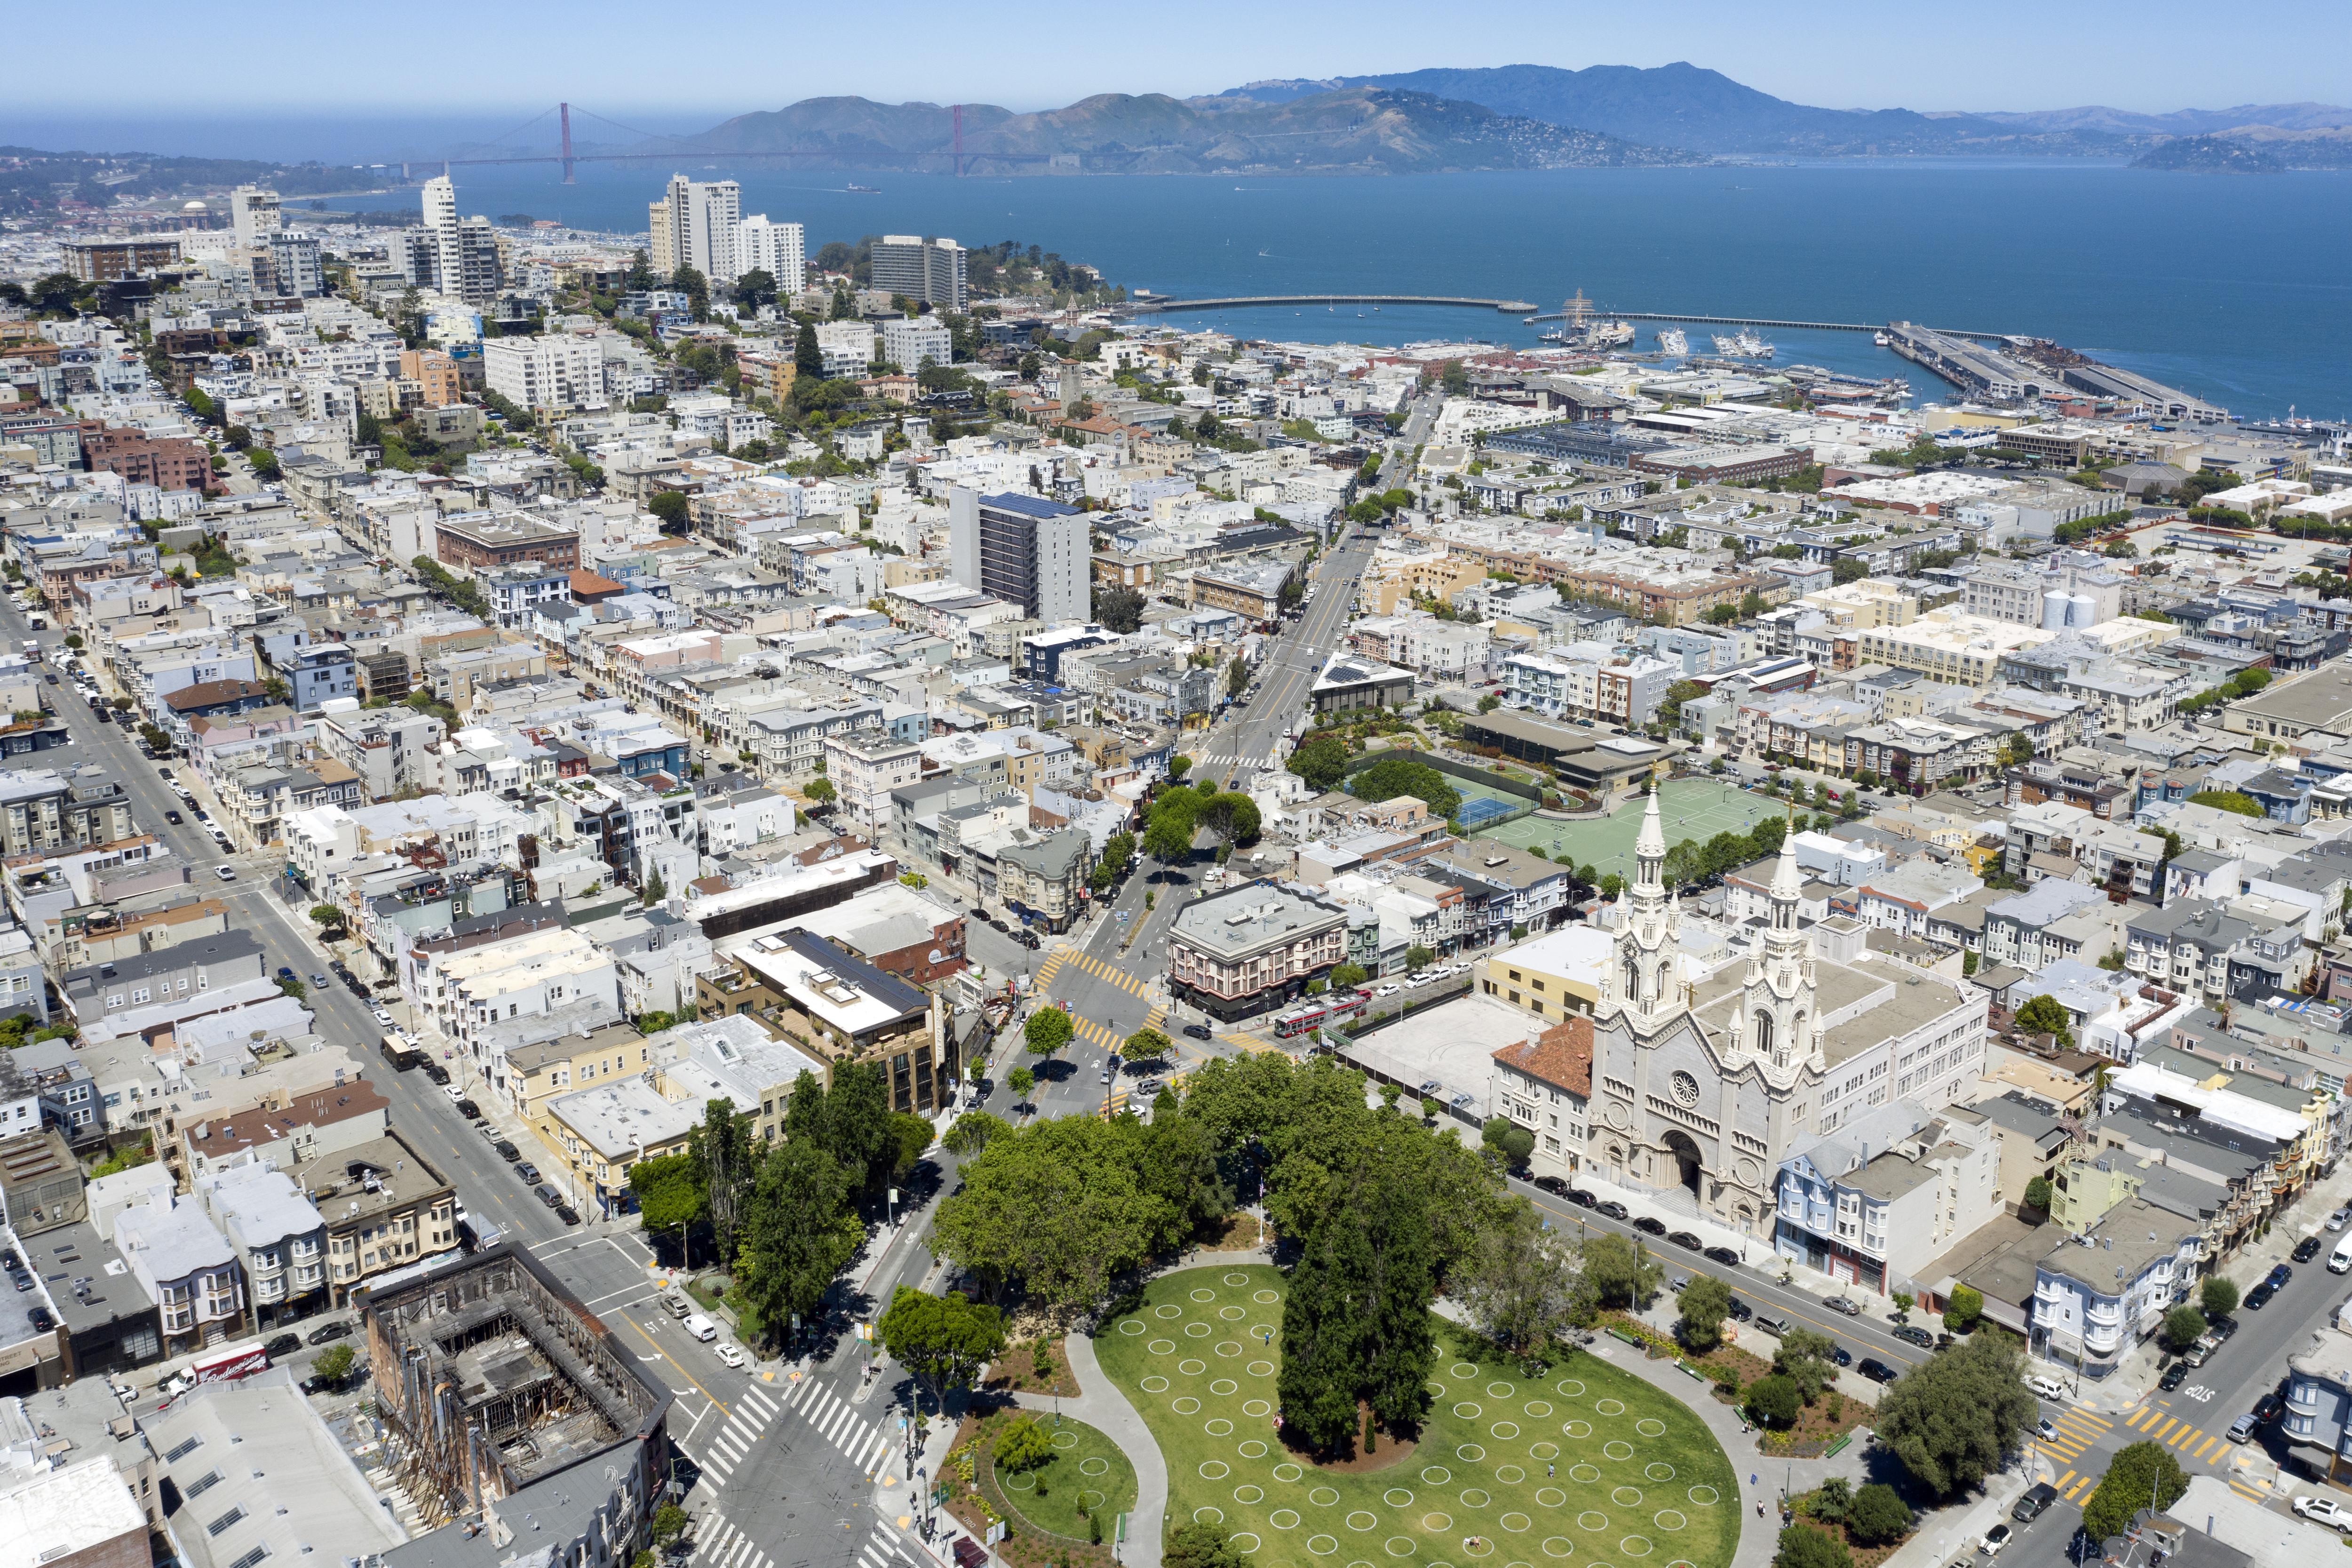 72660壁紙のダウンロード市, 都市, 建物, ルーフ, 屋根, 海-スクリーンセーバーと写真を無料で